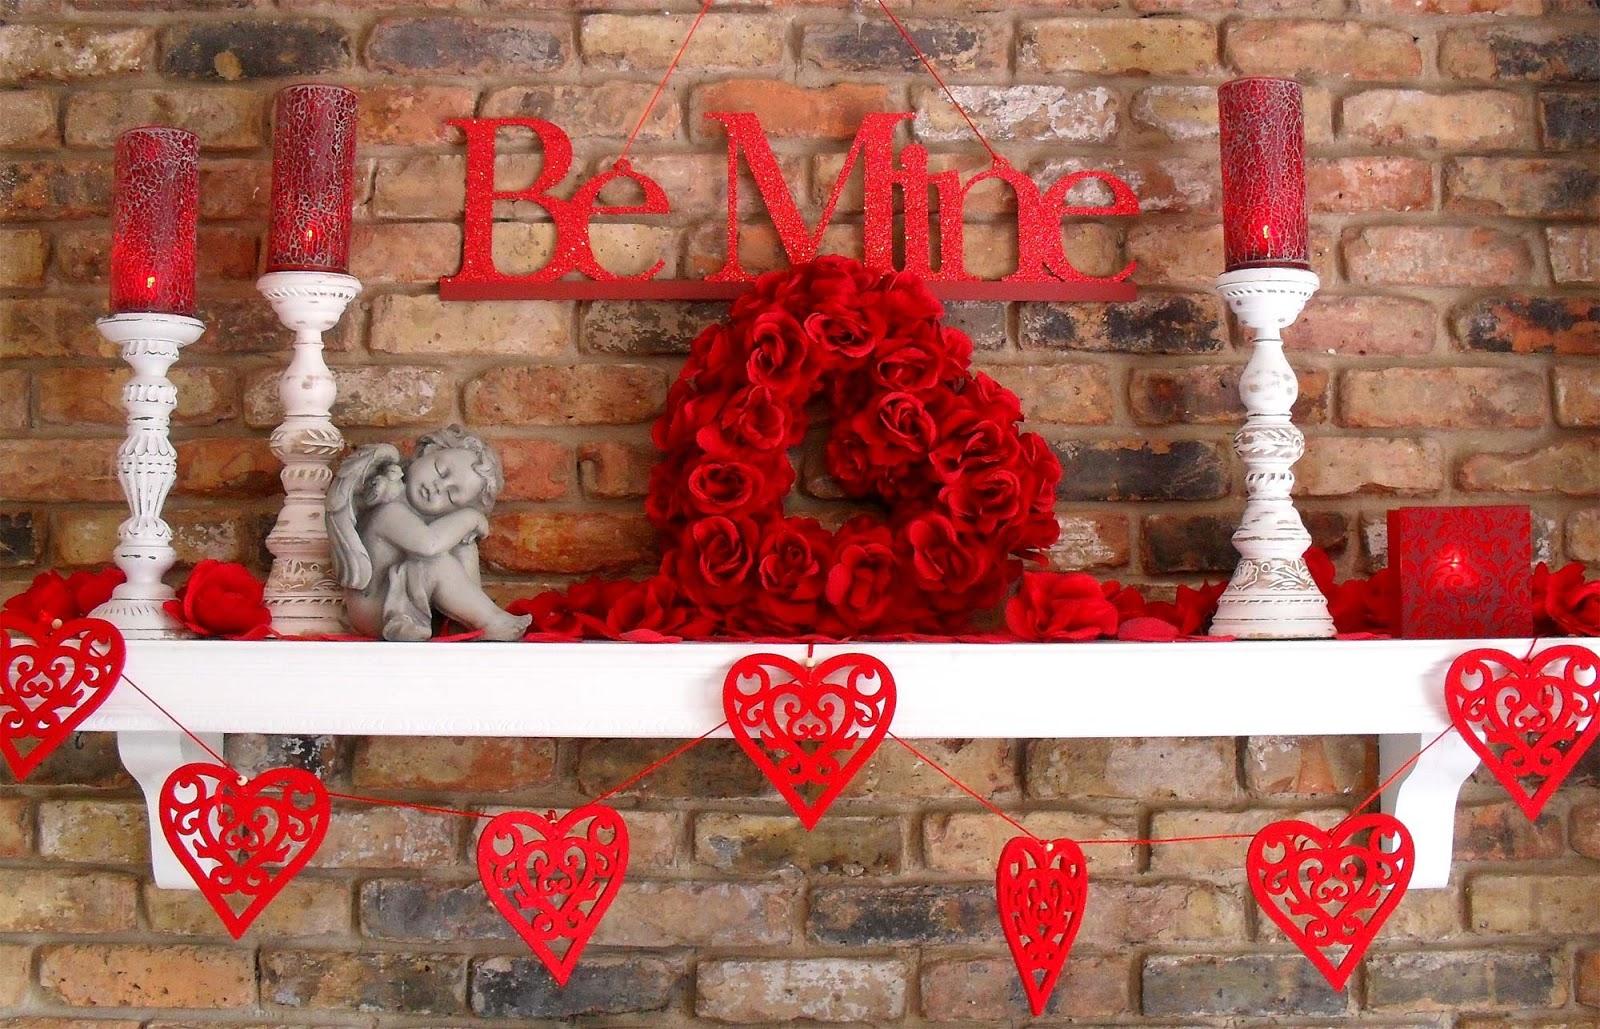 30 ایده جذاب و رمانتیک مخصوص روز ولنتاین